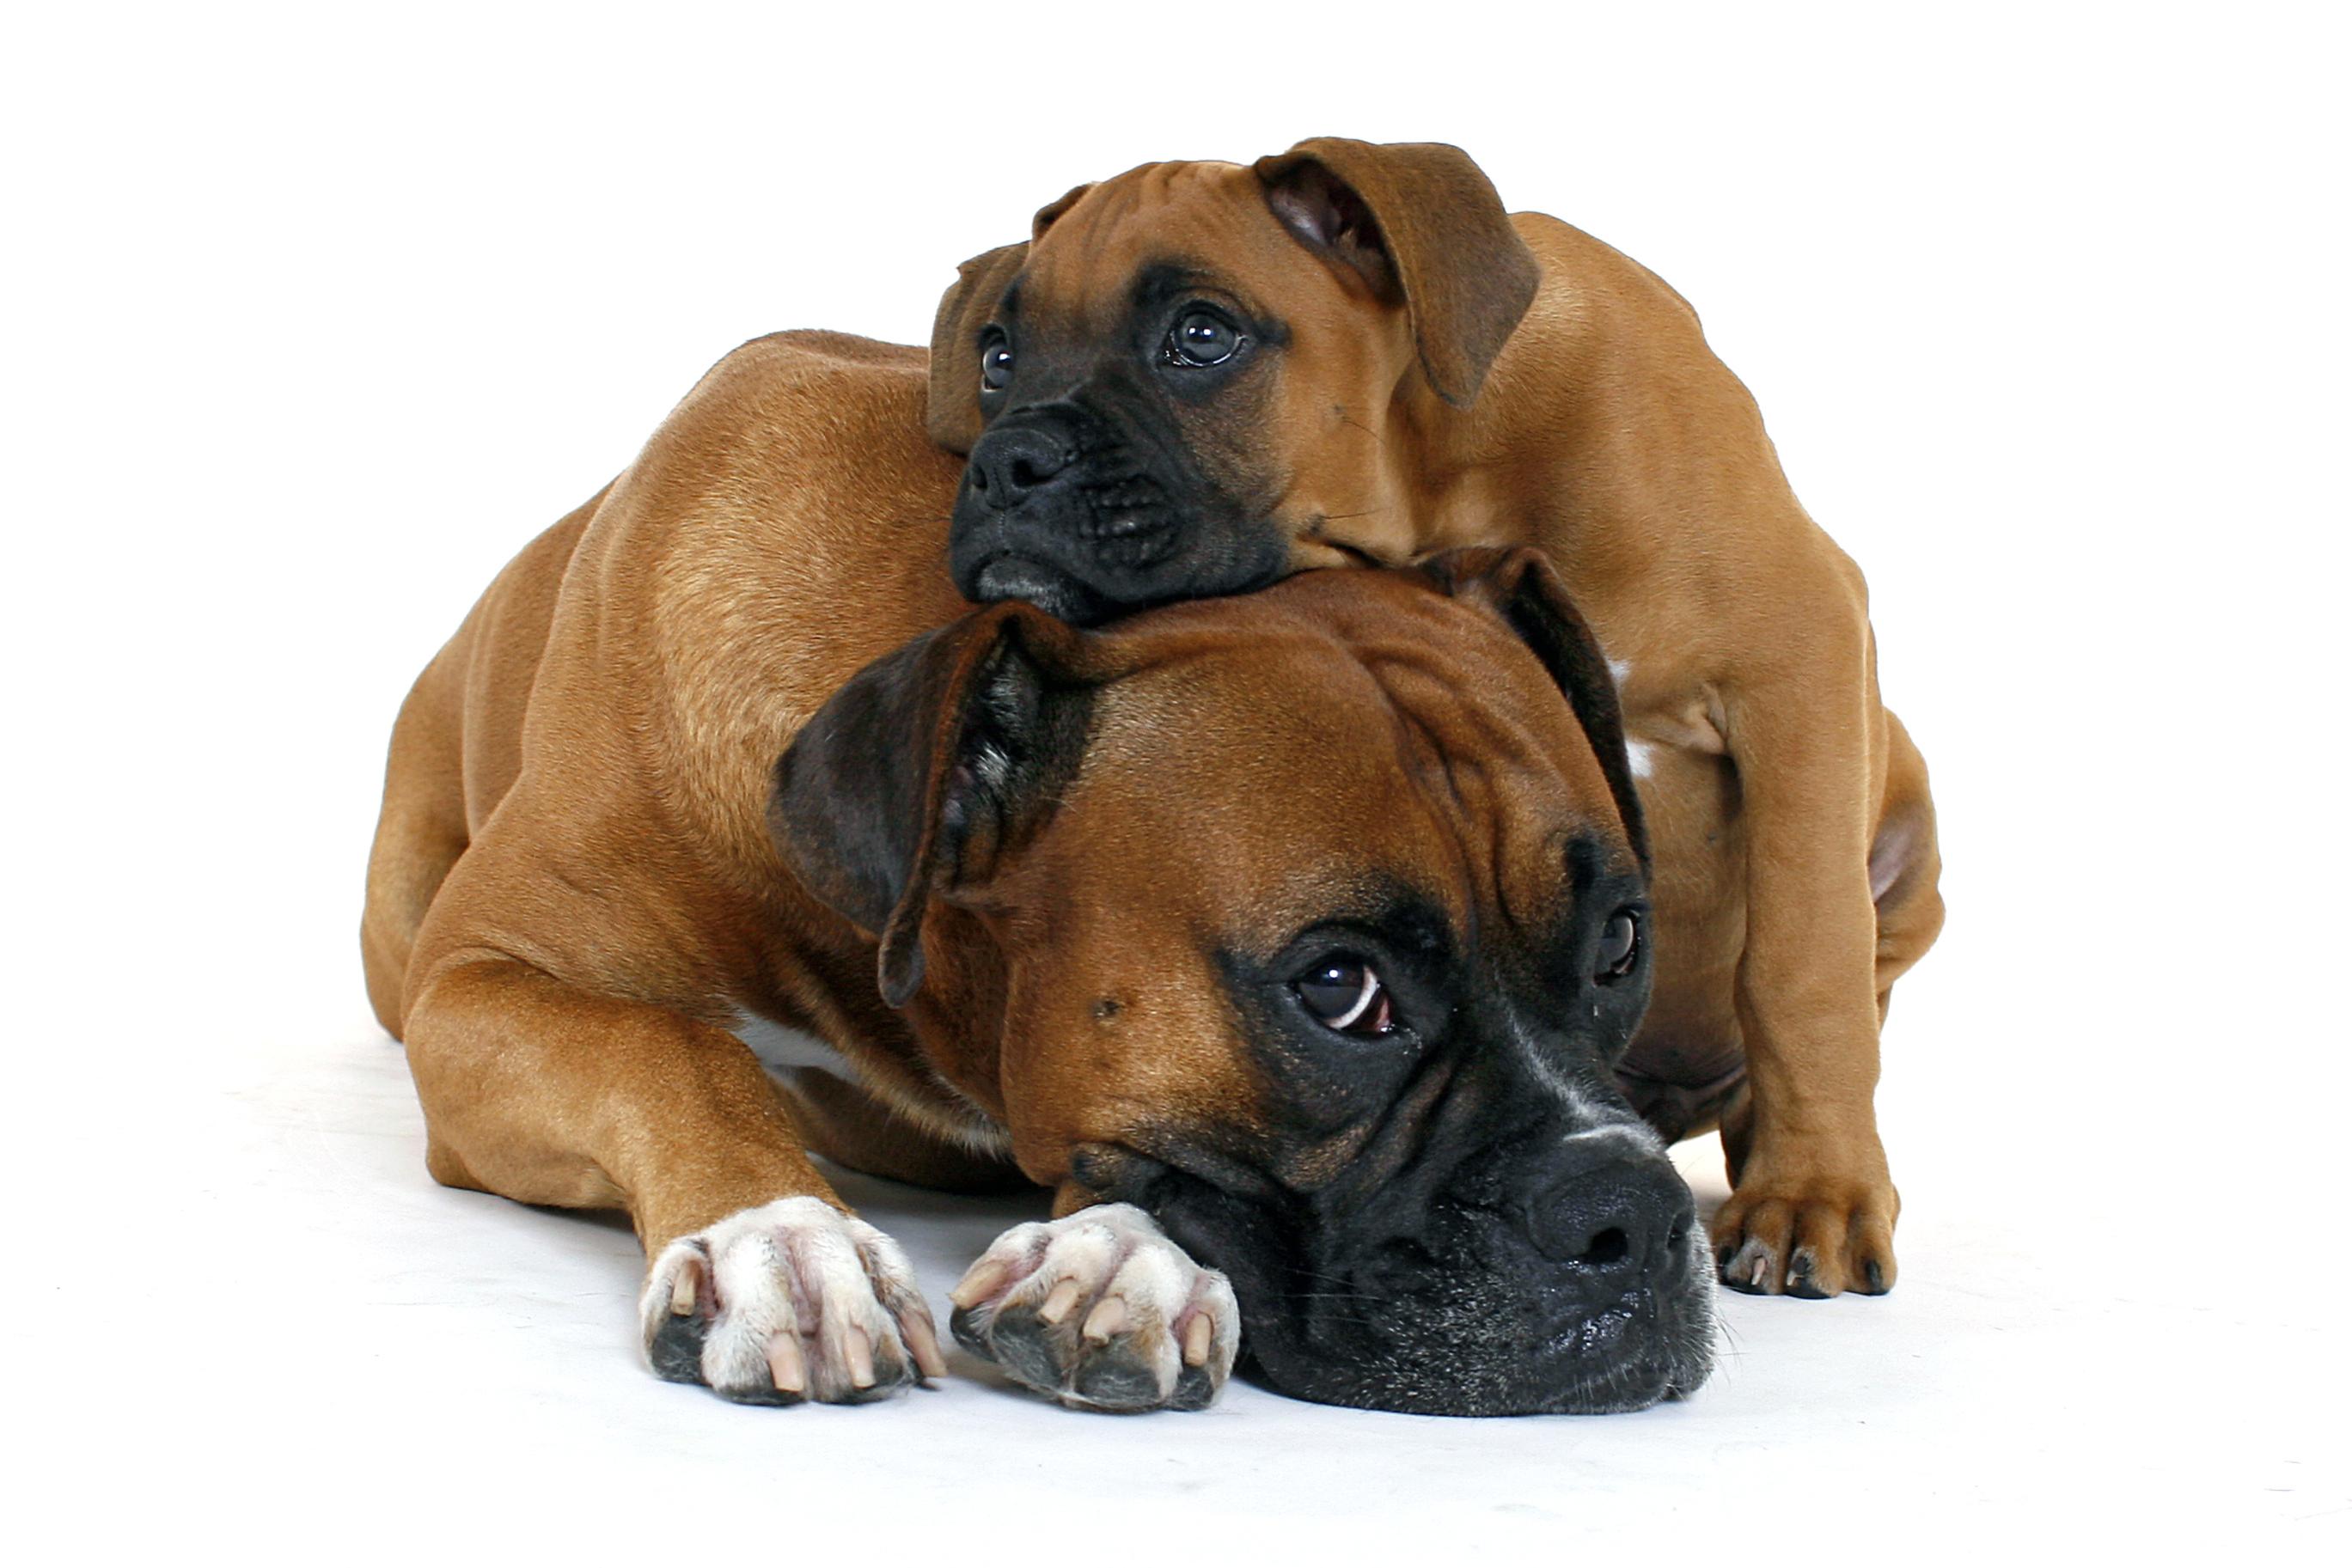 Låt valpen umgås med äldre, orädda hundkompisar